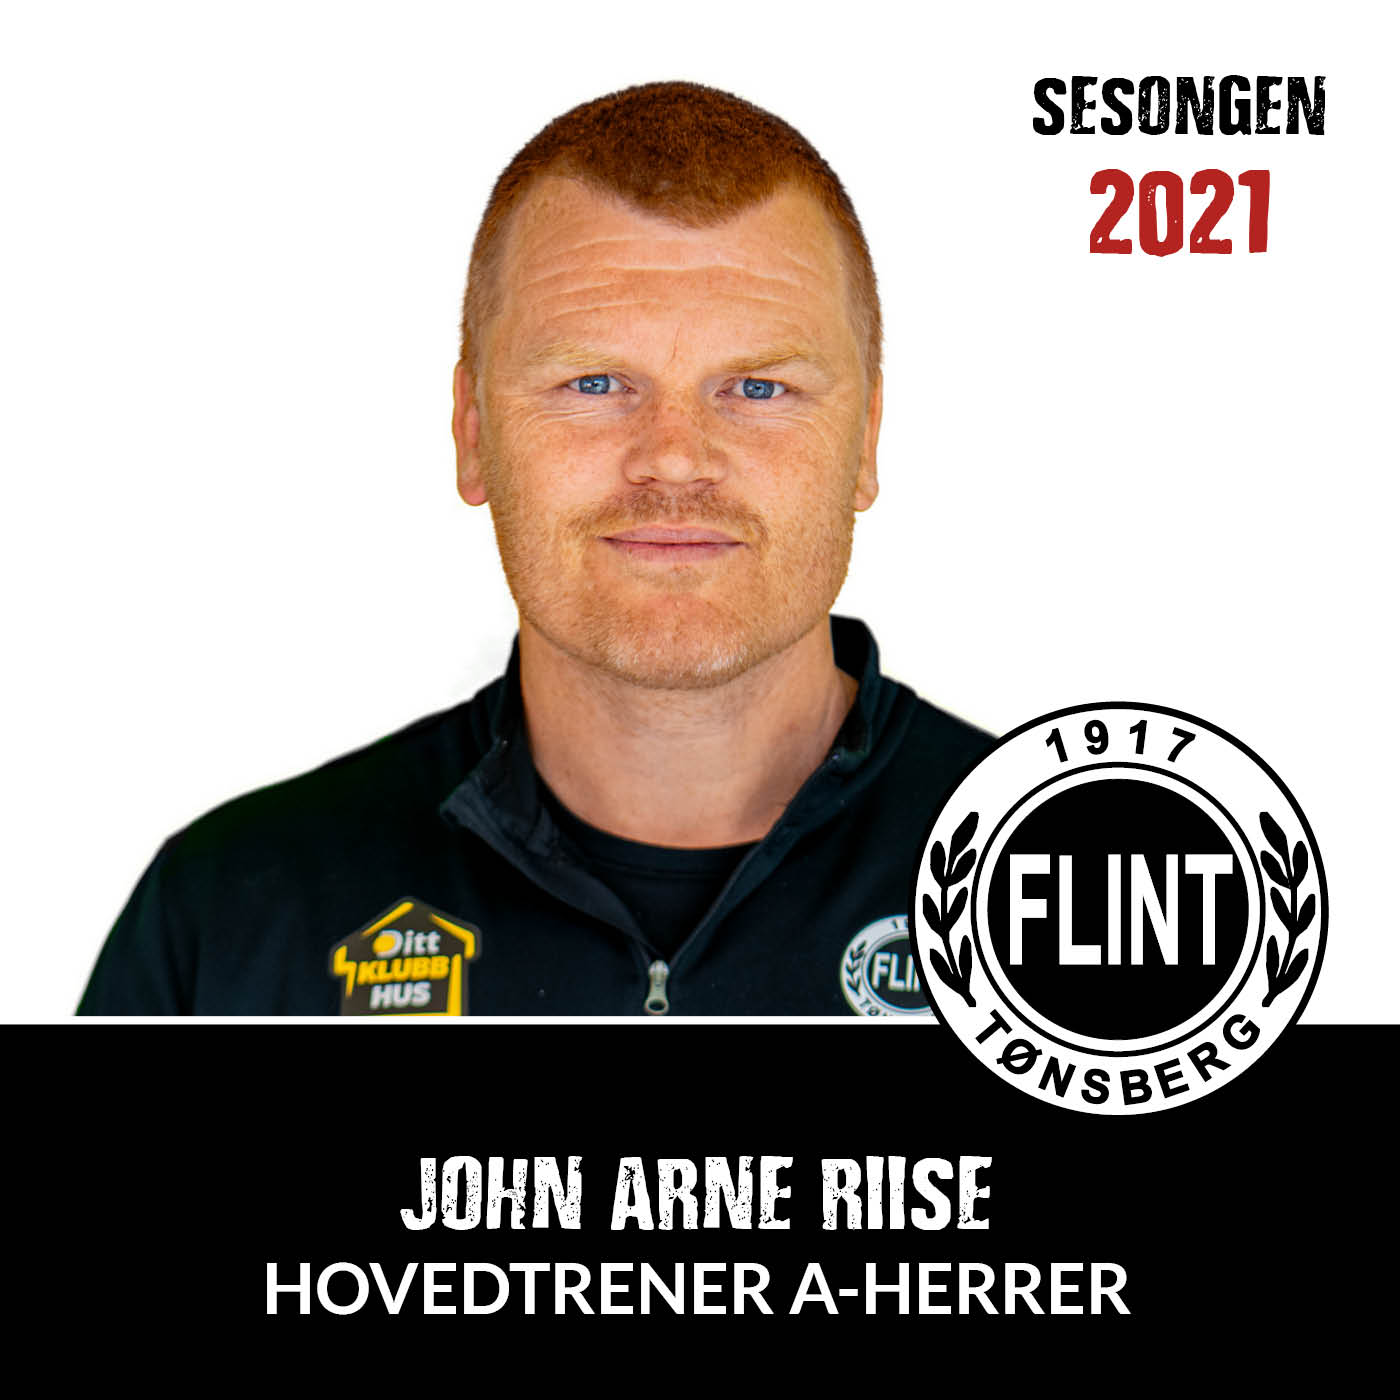 https://www.flintfotball.no/wp-content/uploads/2021/02/Trener-John-Arne-Riise.jpg